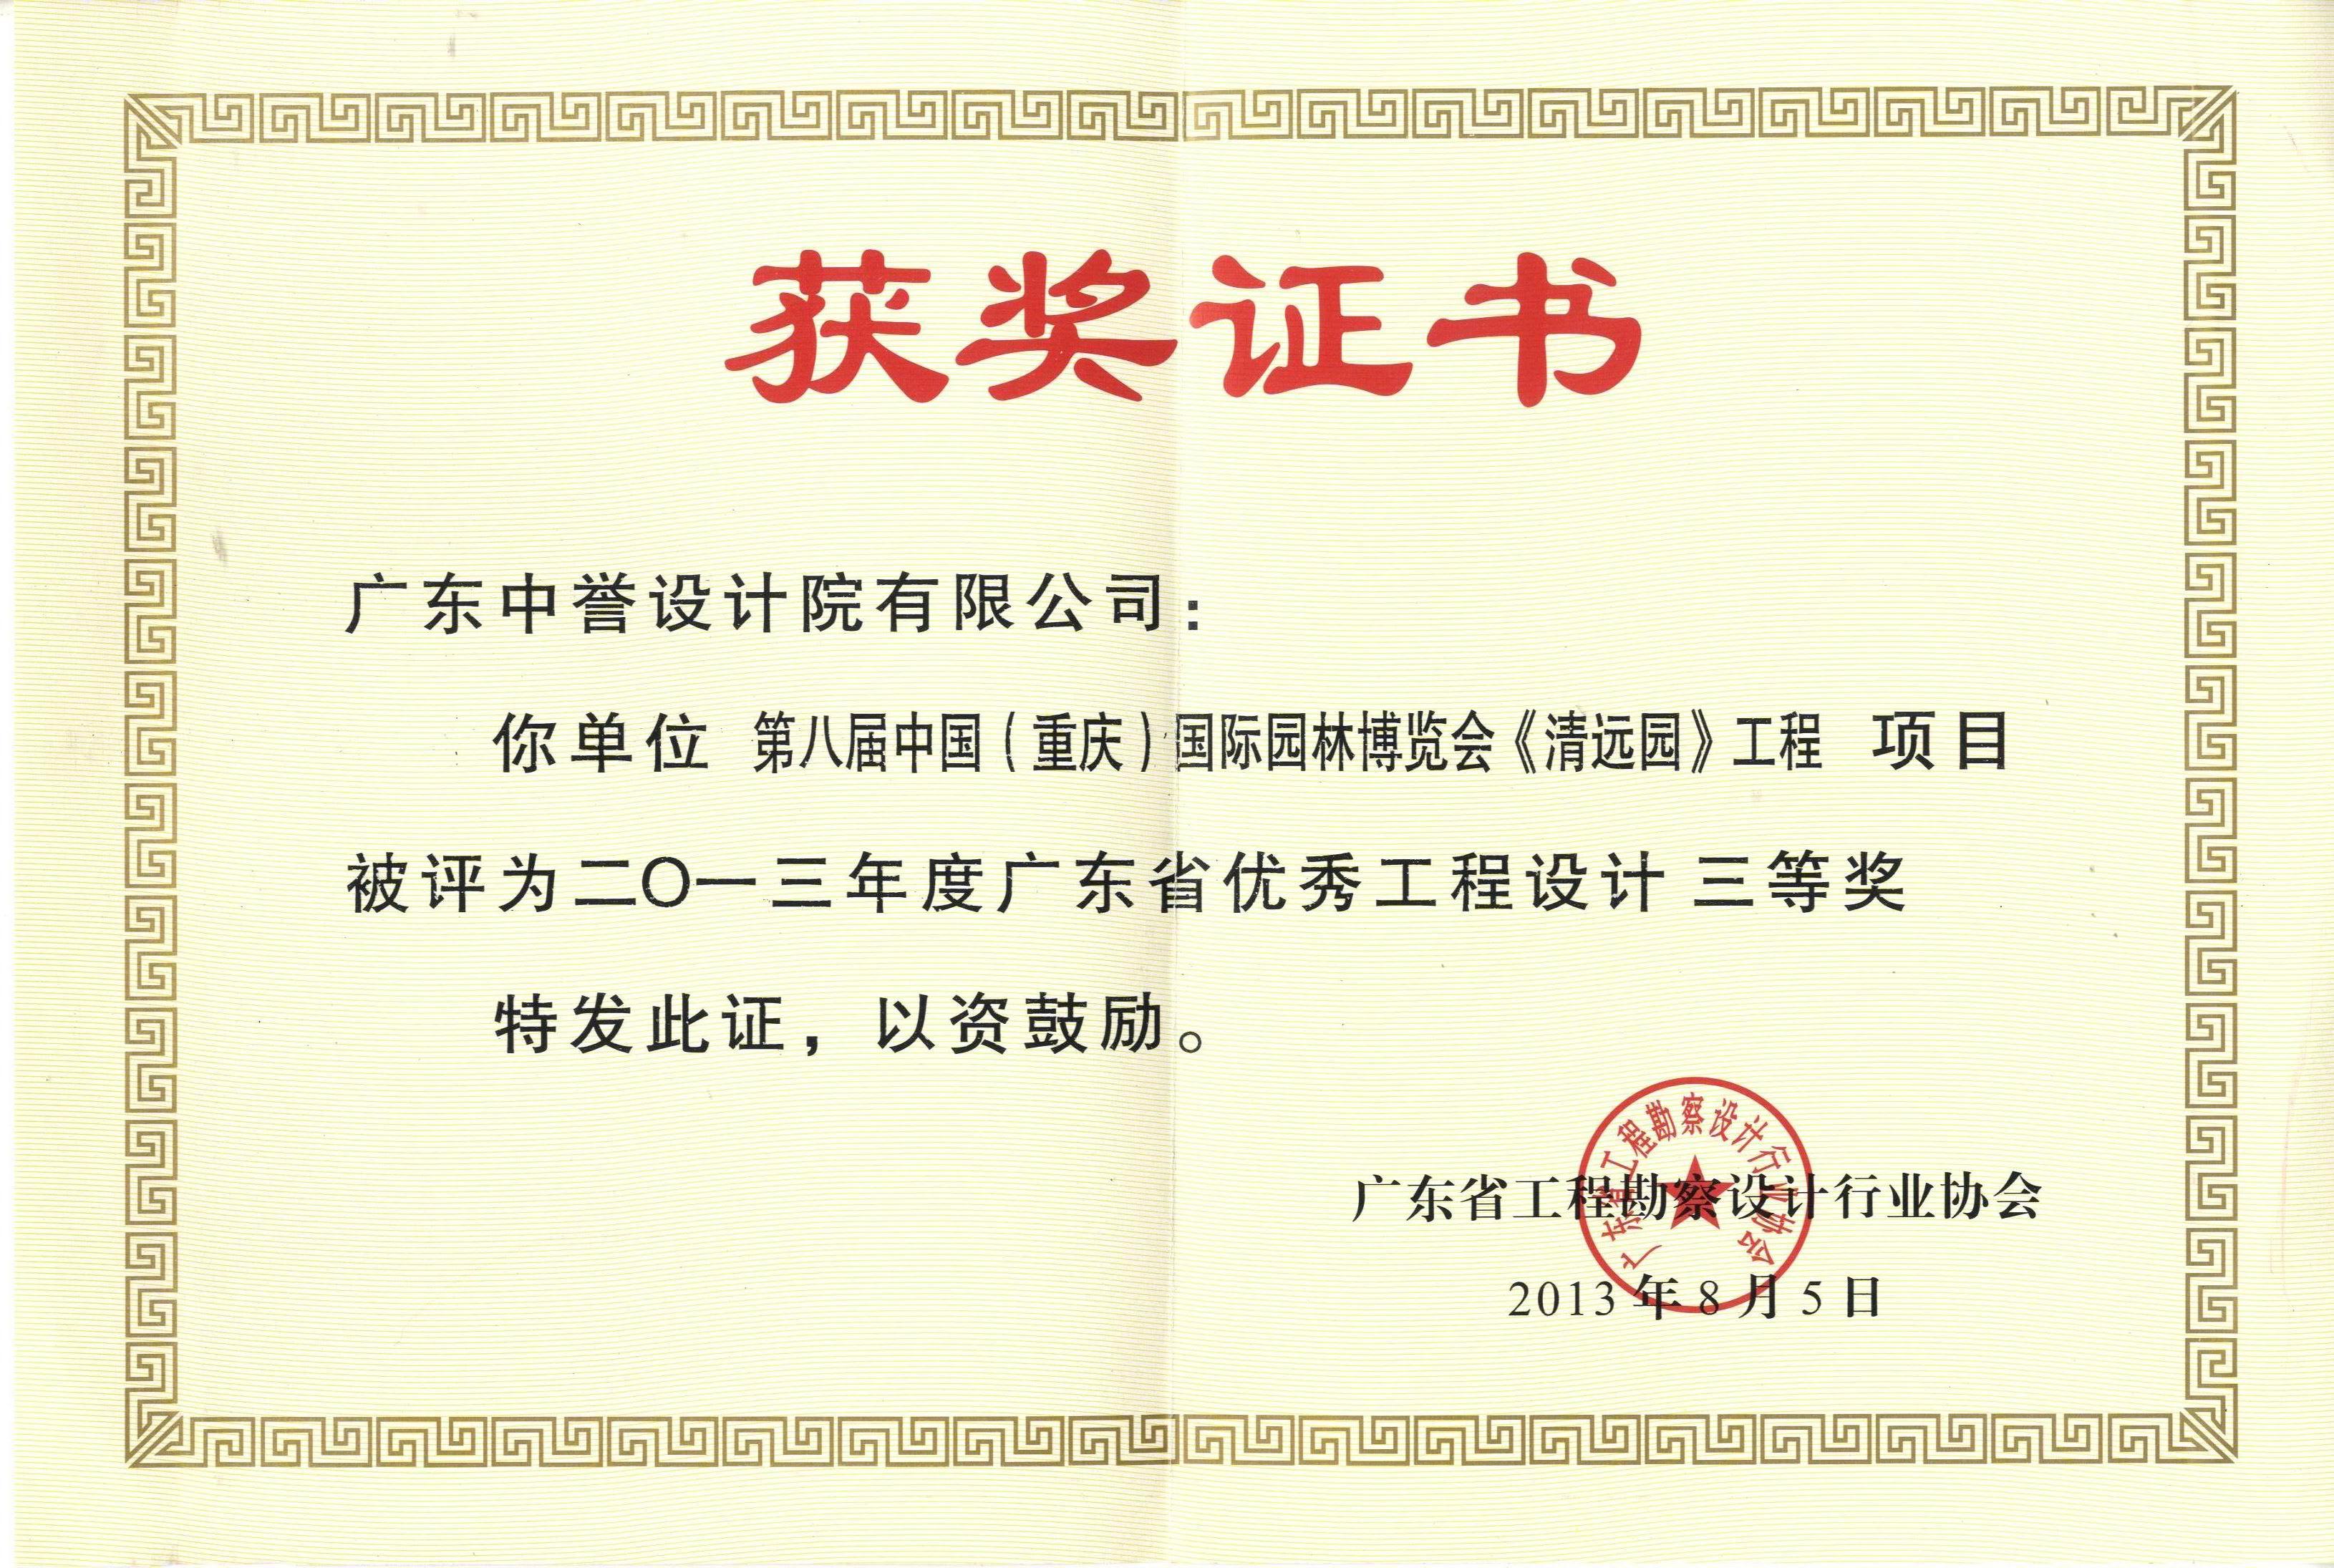 第八届中国(重庆)国际bob电竞馆博览会《清远园》工程